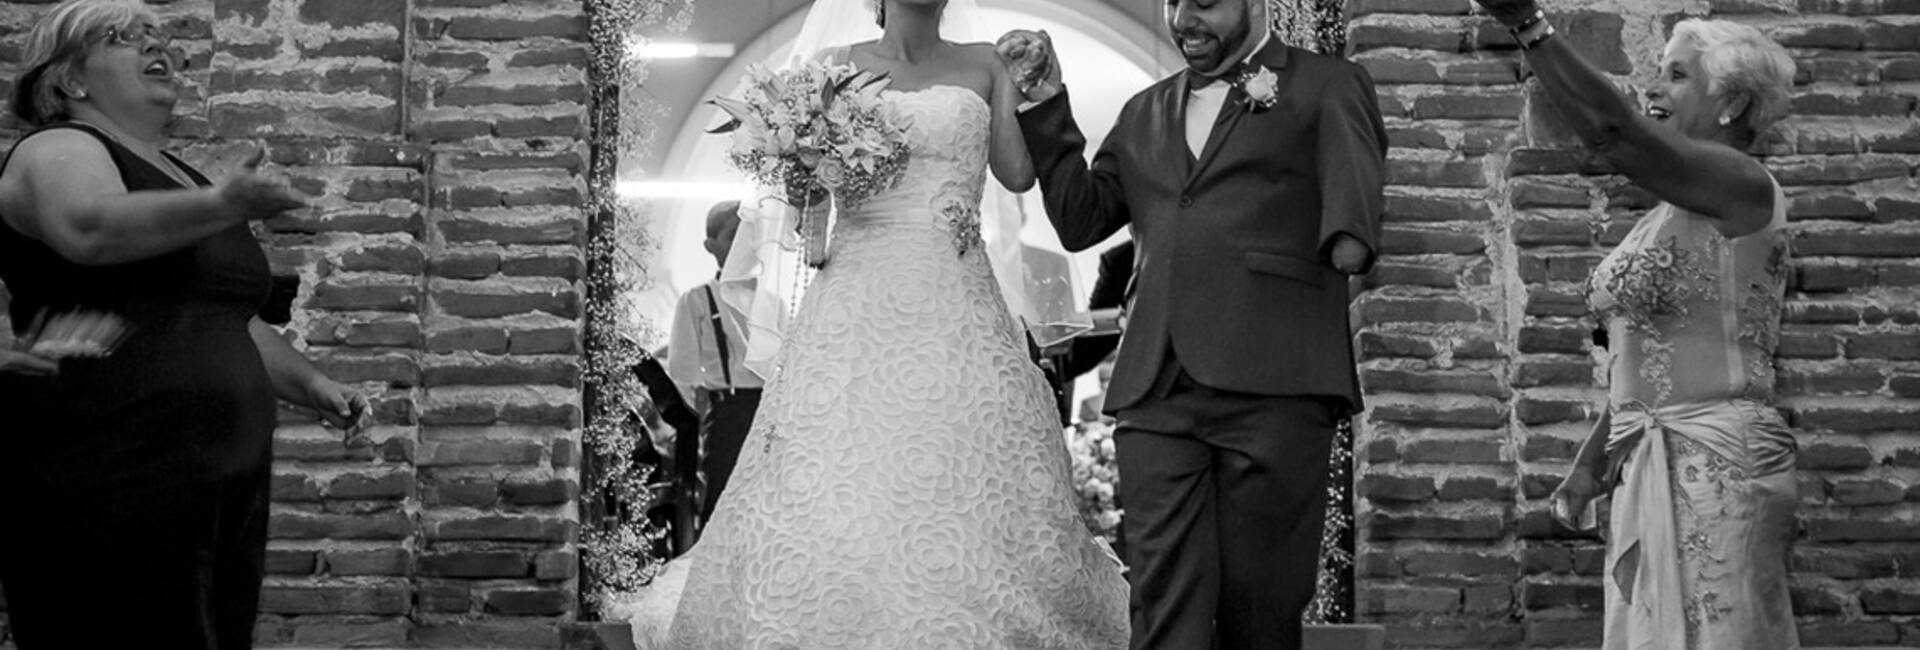 CASAMENTO | WEDDING de Ana Paula + Rafael